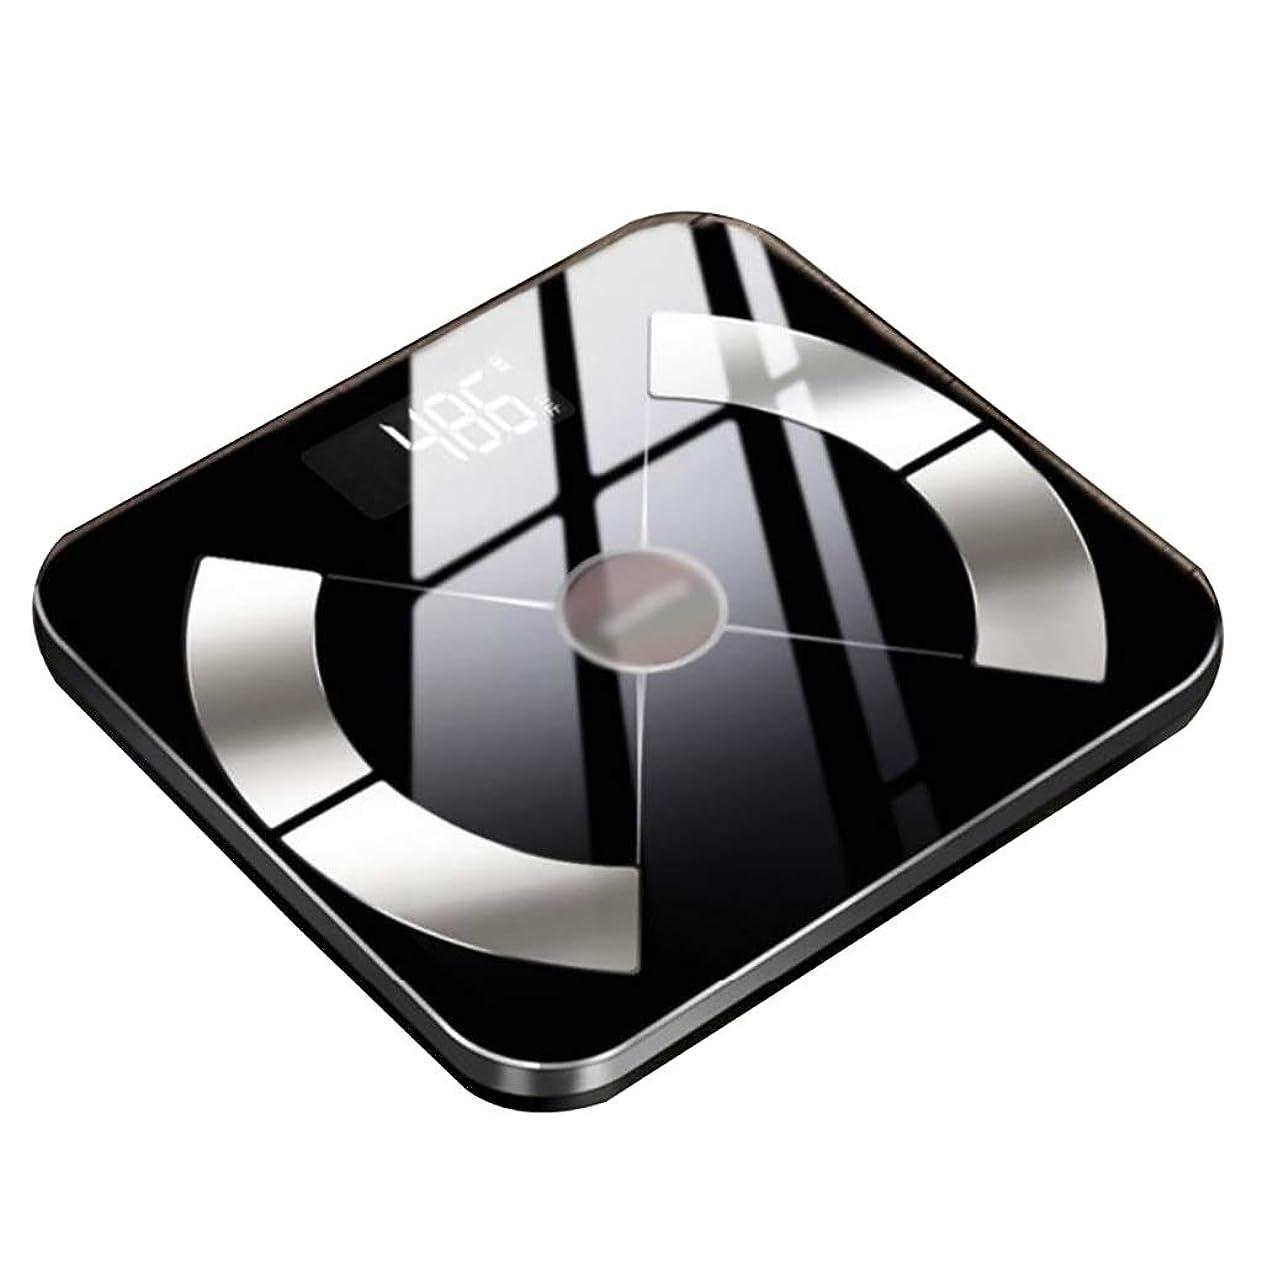 リーチ高価な印をつける体重計強化ガラス電子スケール付きLEDディスプレイホーム人体精密女性の小規模は180 Kg(26 X 26 X 2 Cm)に耐えることができます